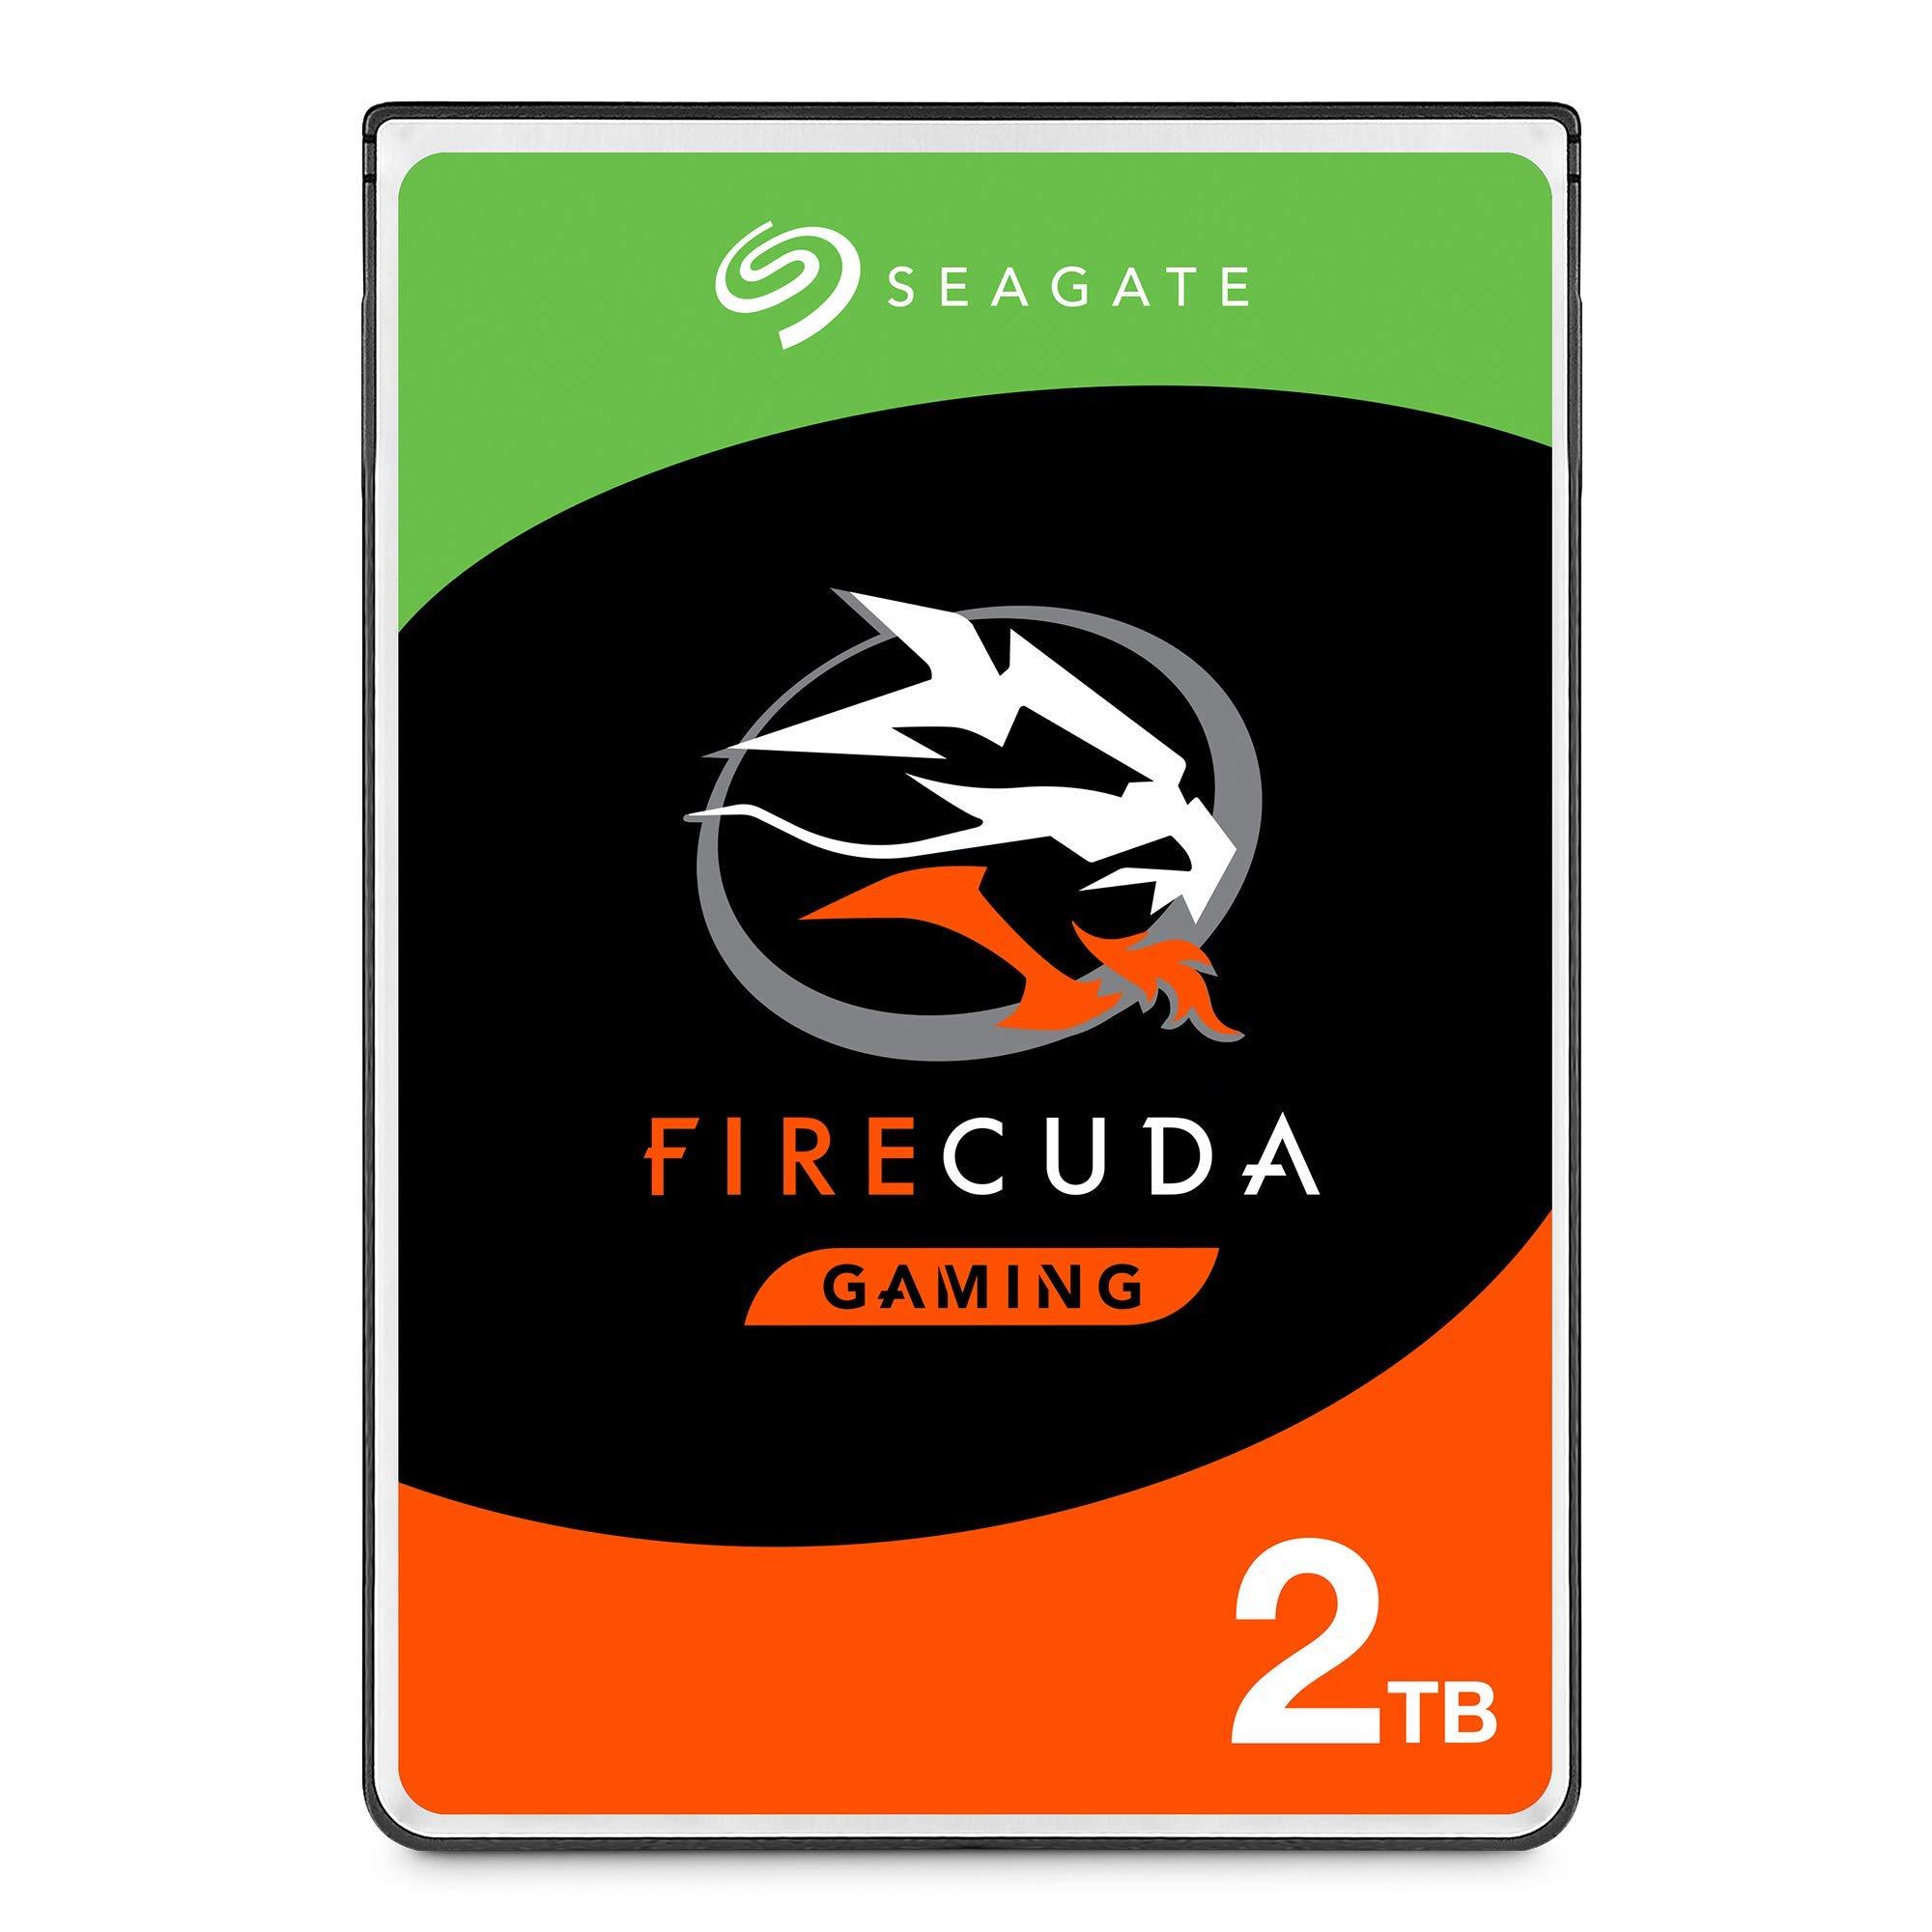 2tb Sshd 2.5 Seagate Firecuda Gaming 2.5inch 6gb/s Flash Acc